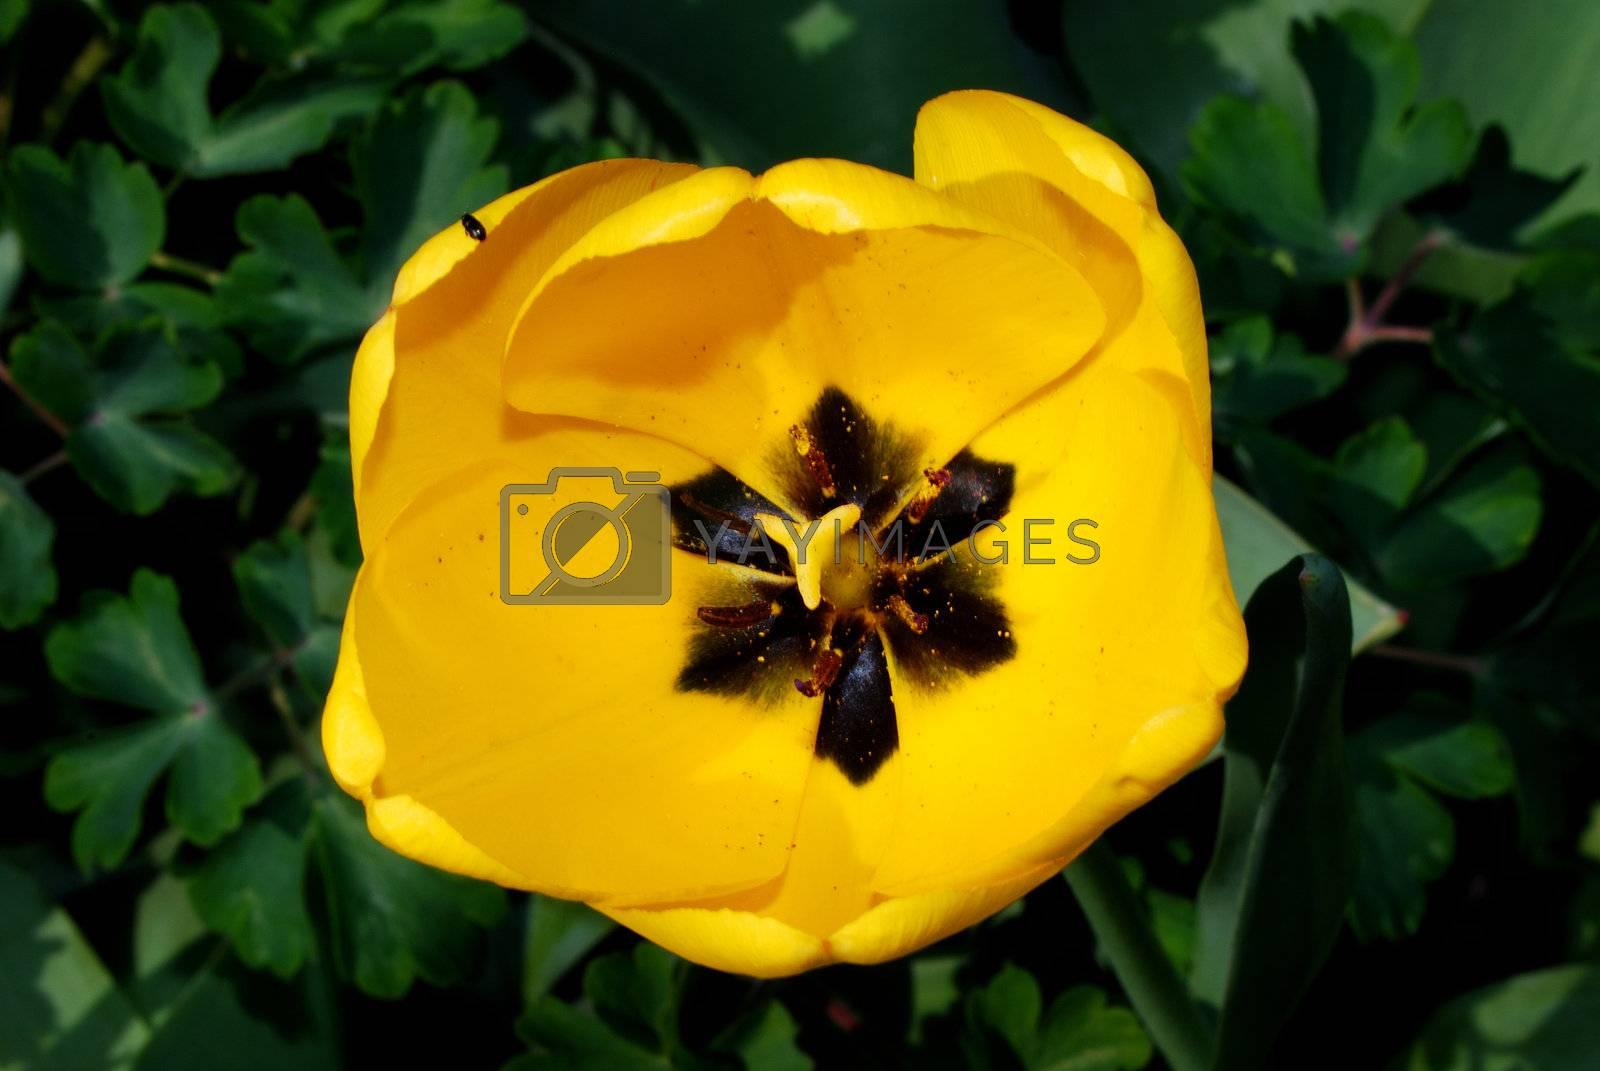 yellow tulip garden blooms in spring